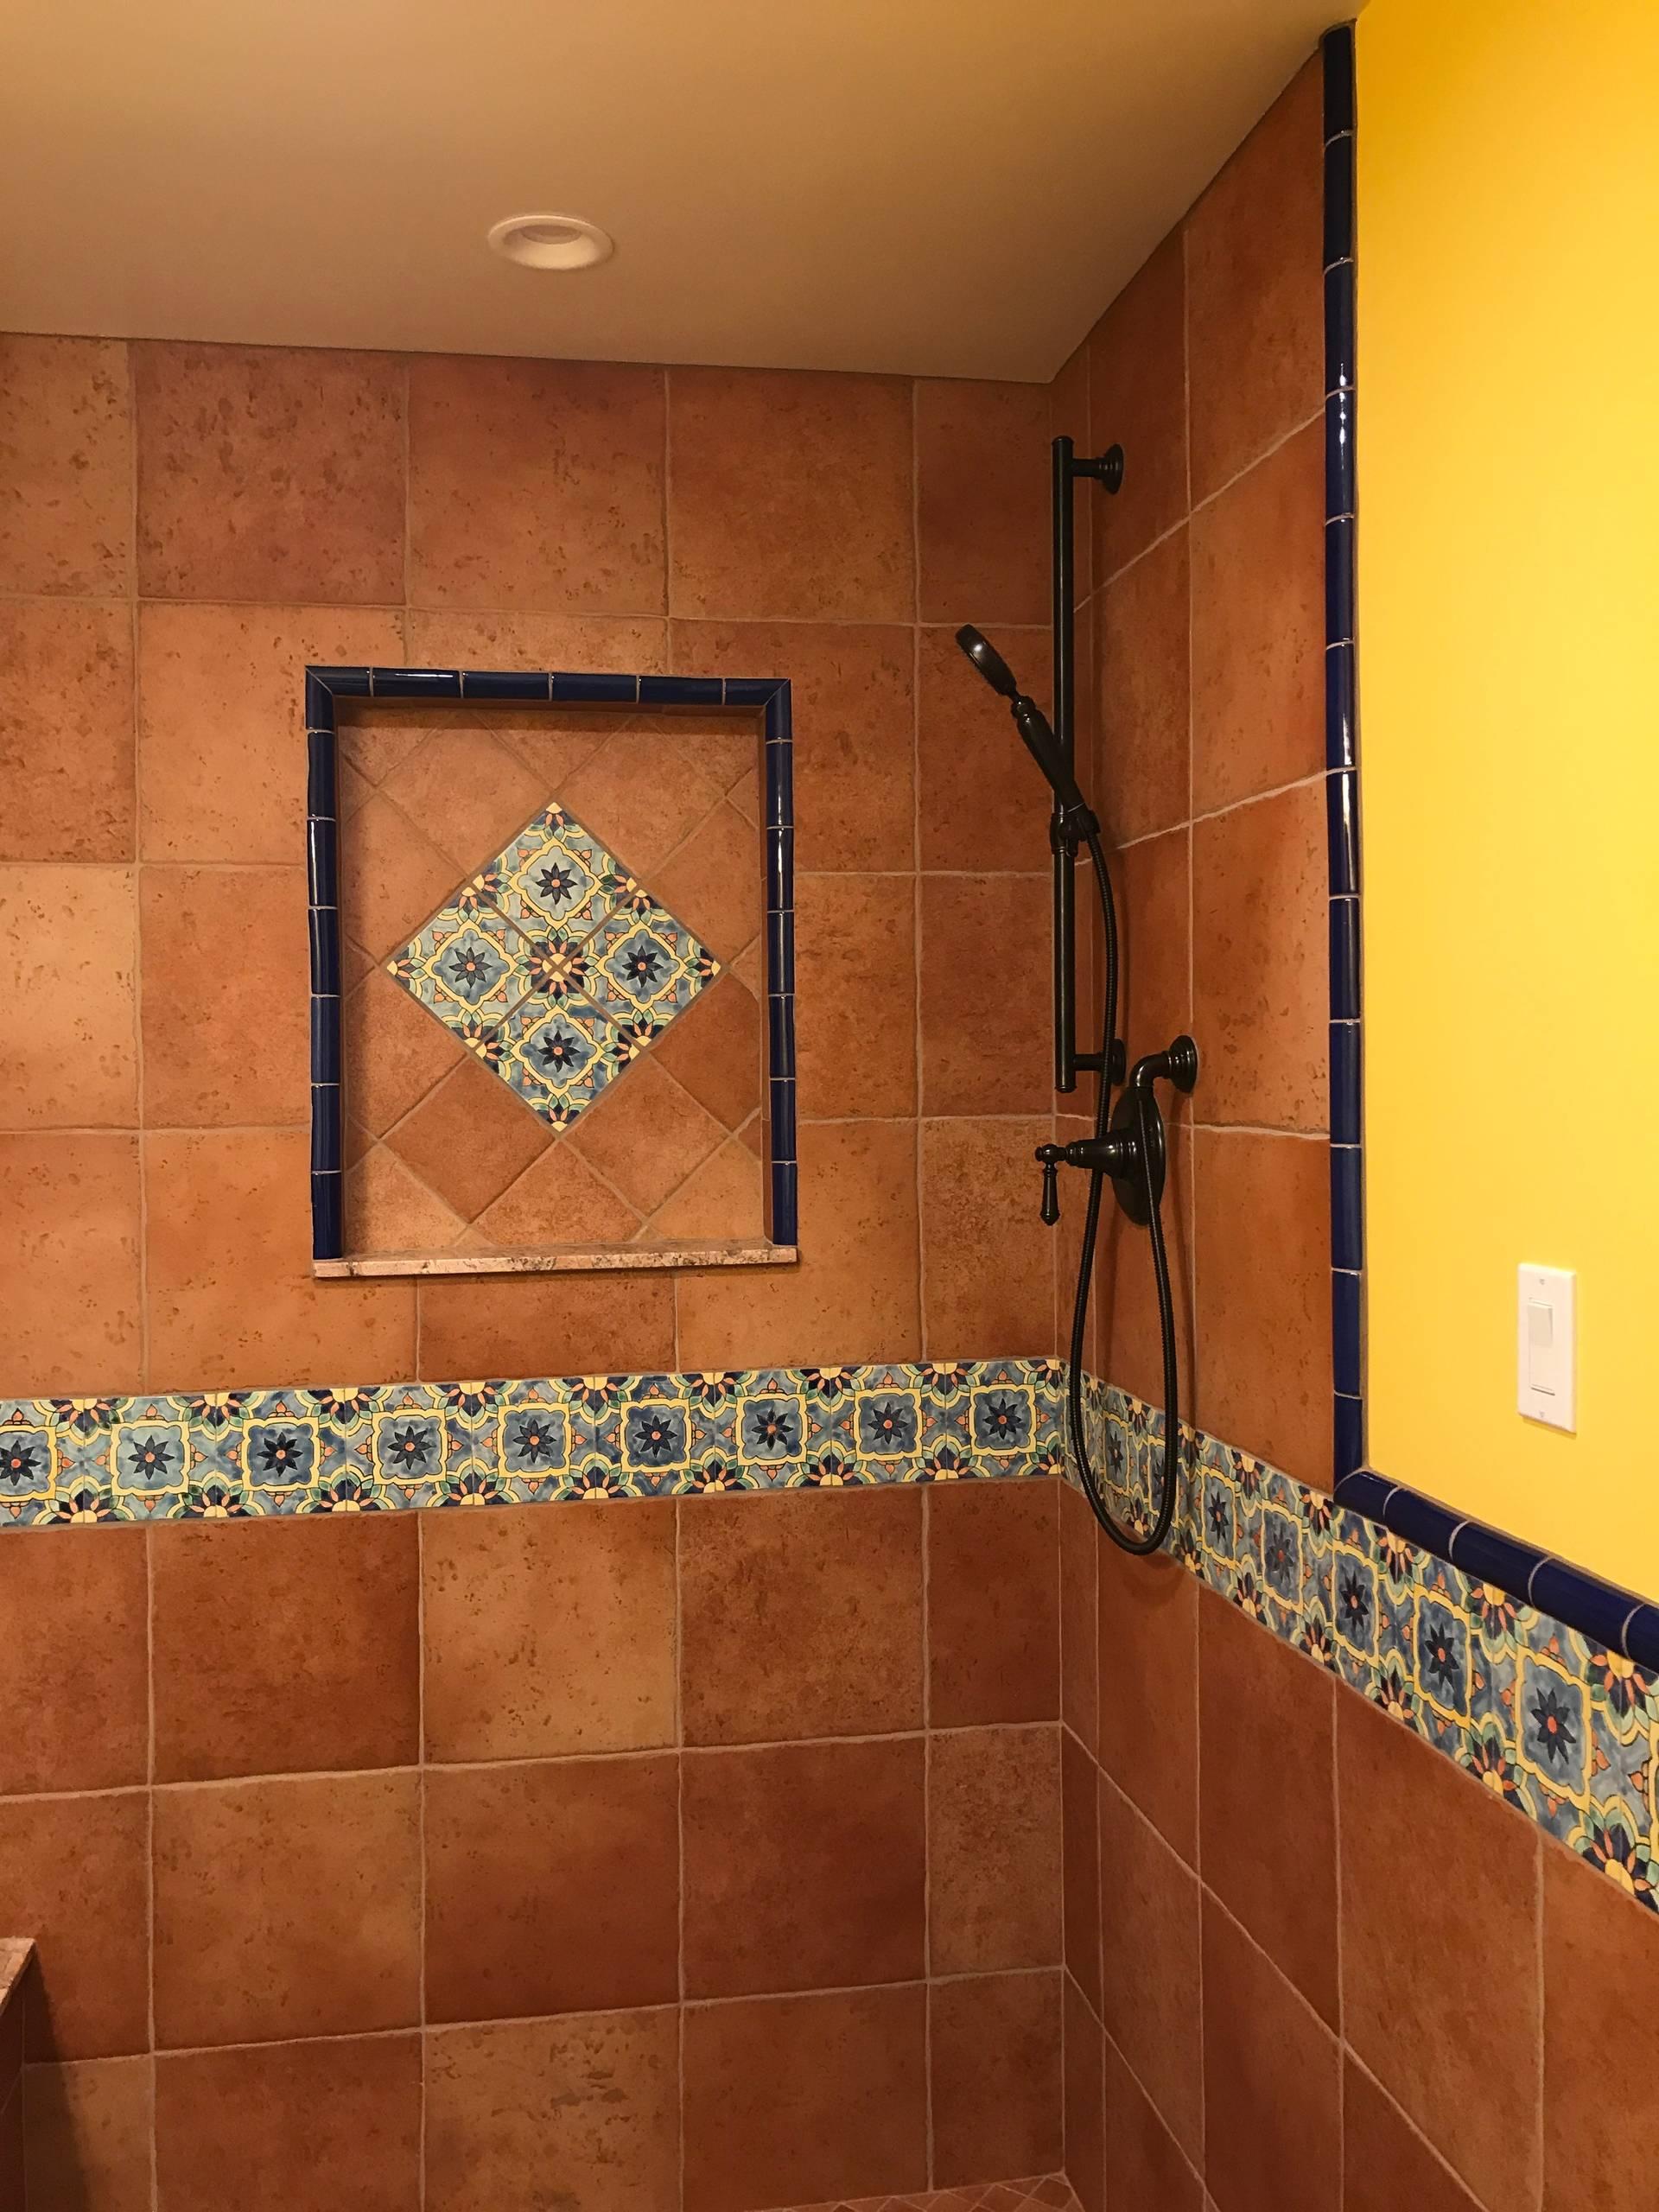 Kablers Bathroom Remodel